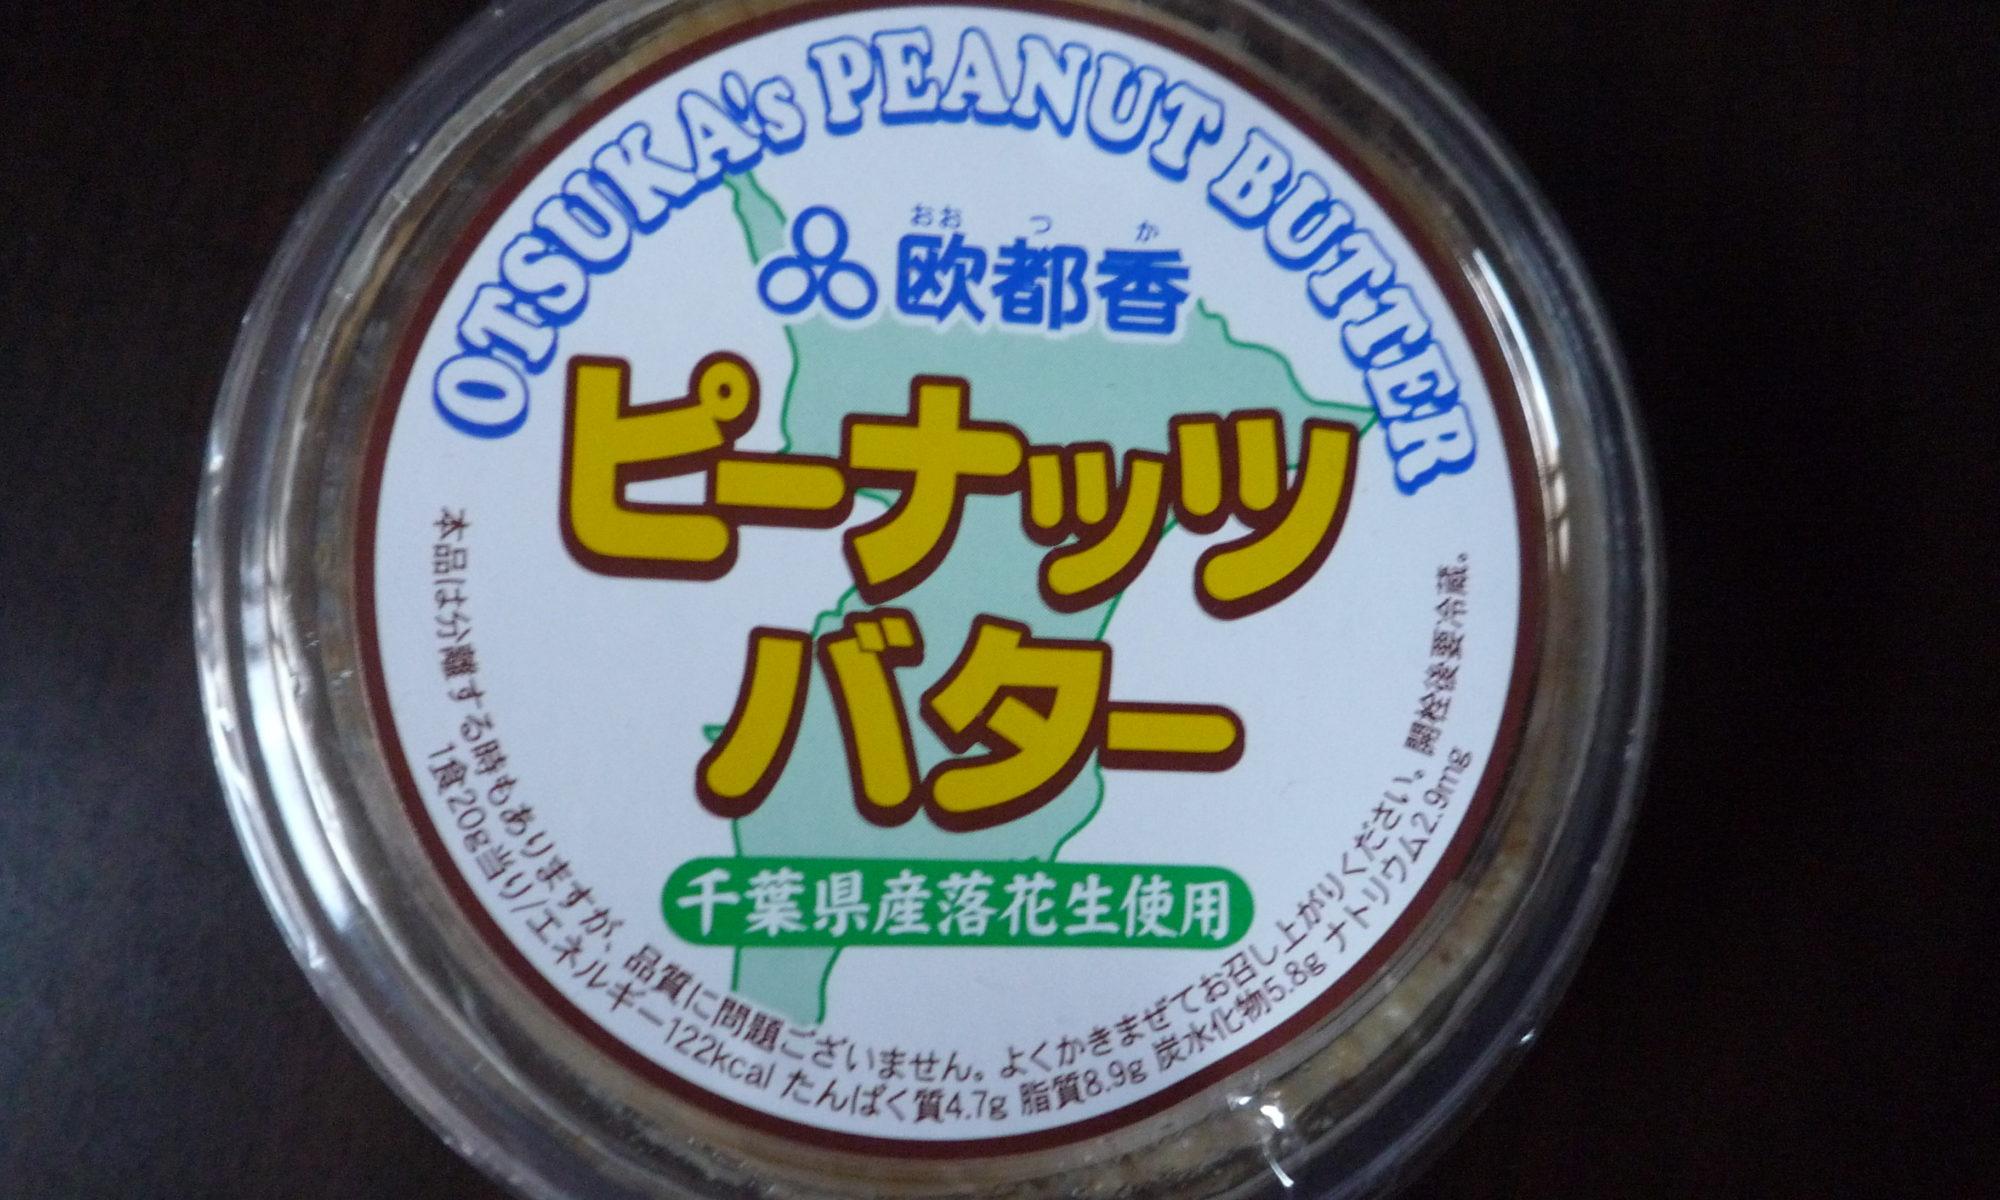 欧都香 ピーナッツバター(有糖)